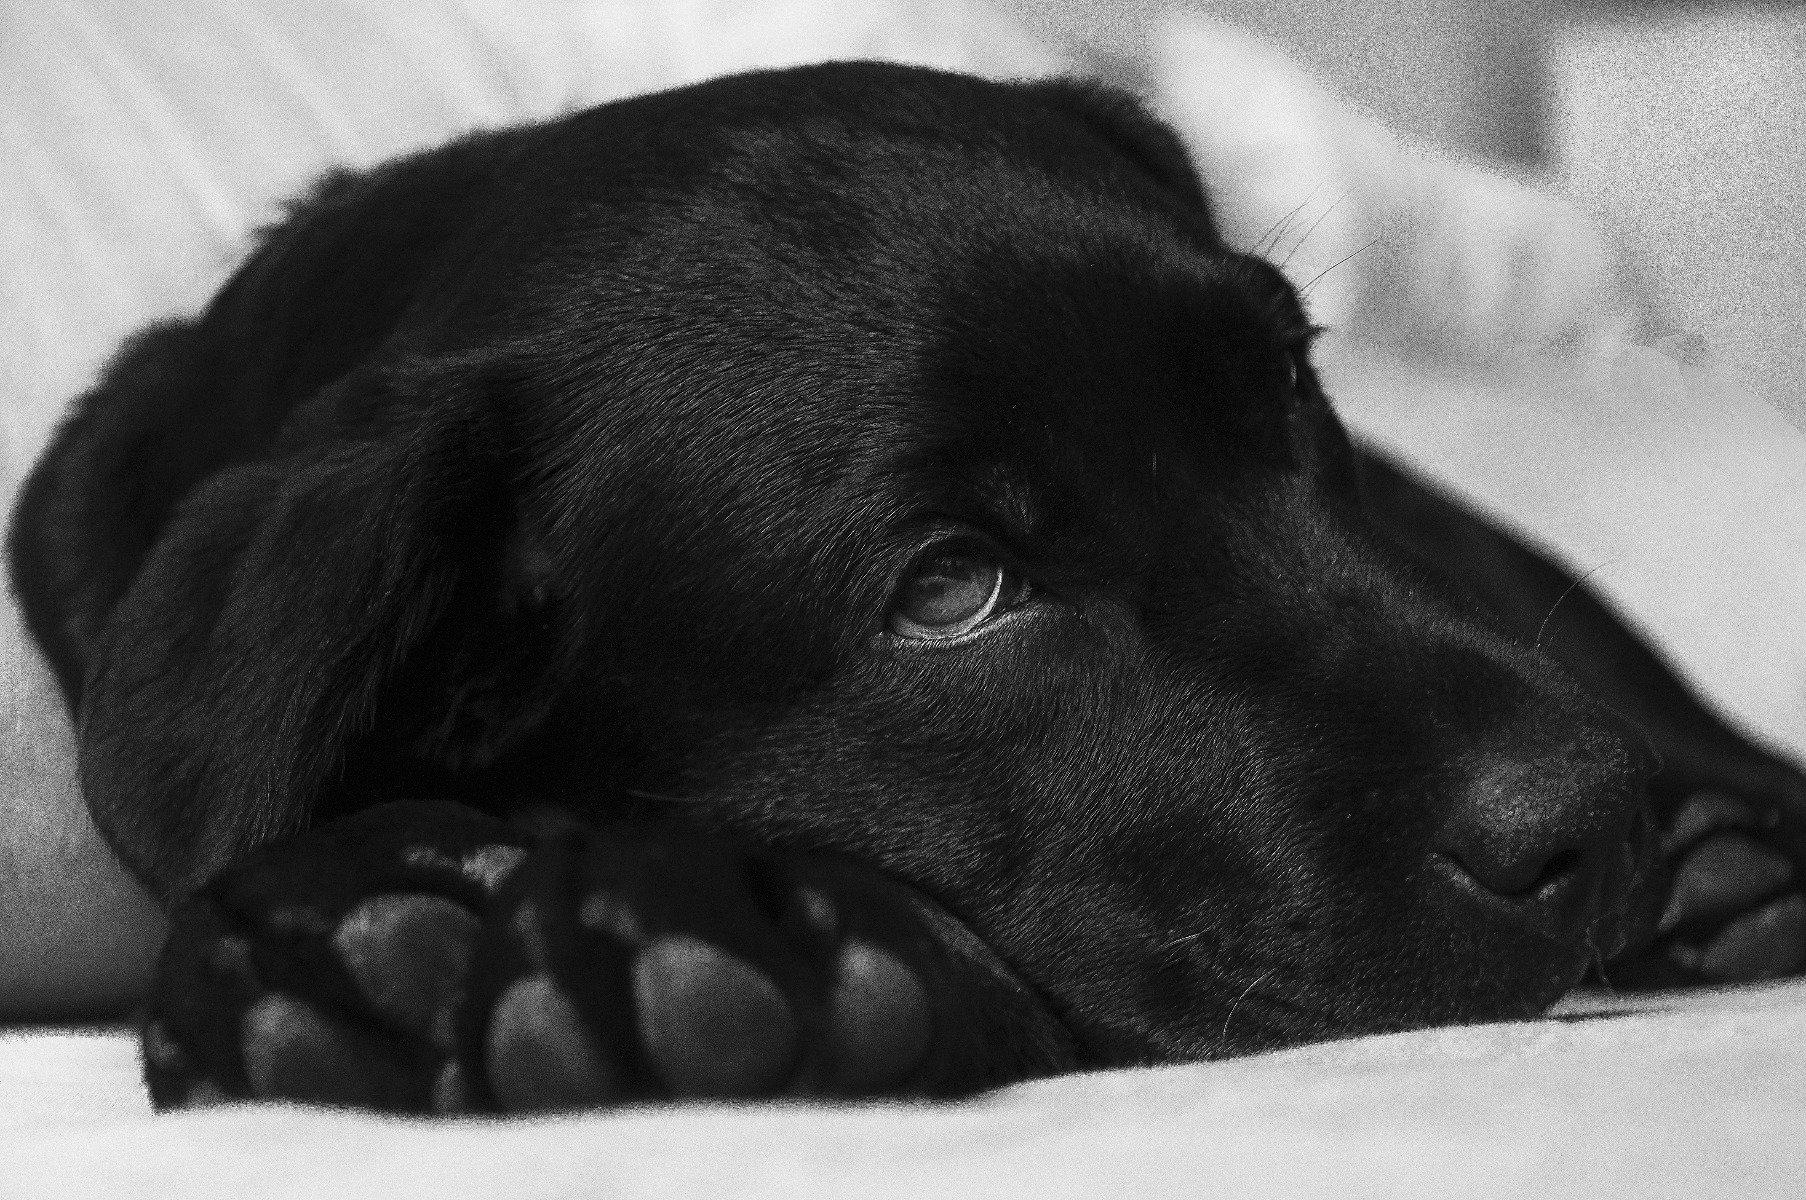 Durchfall beim Hund - ein Symptom